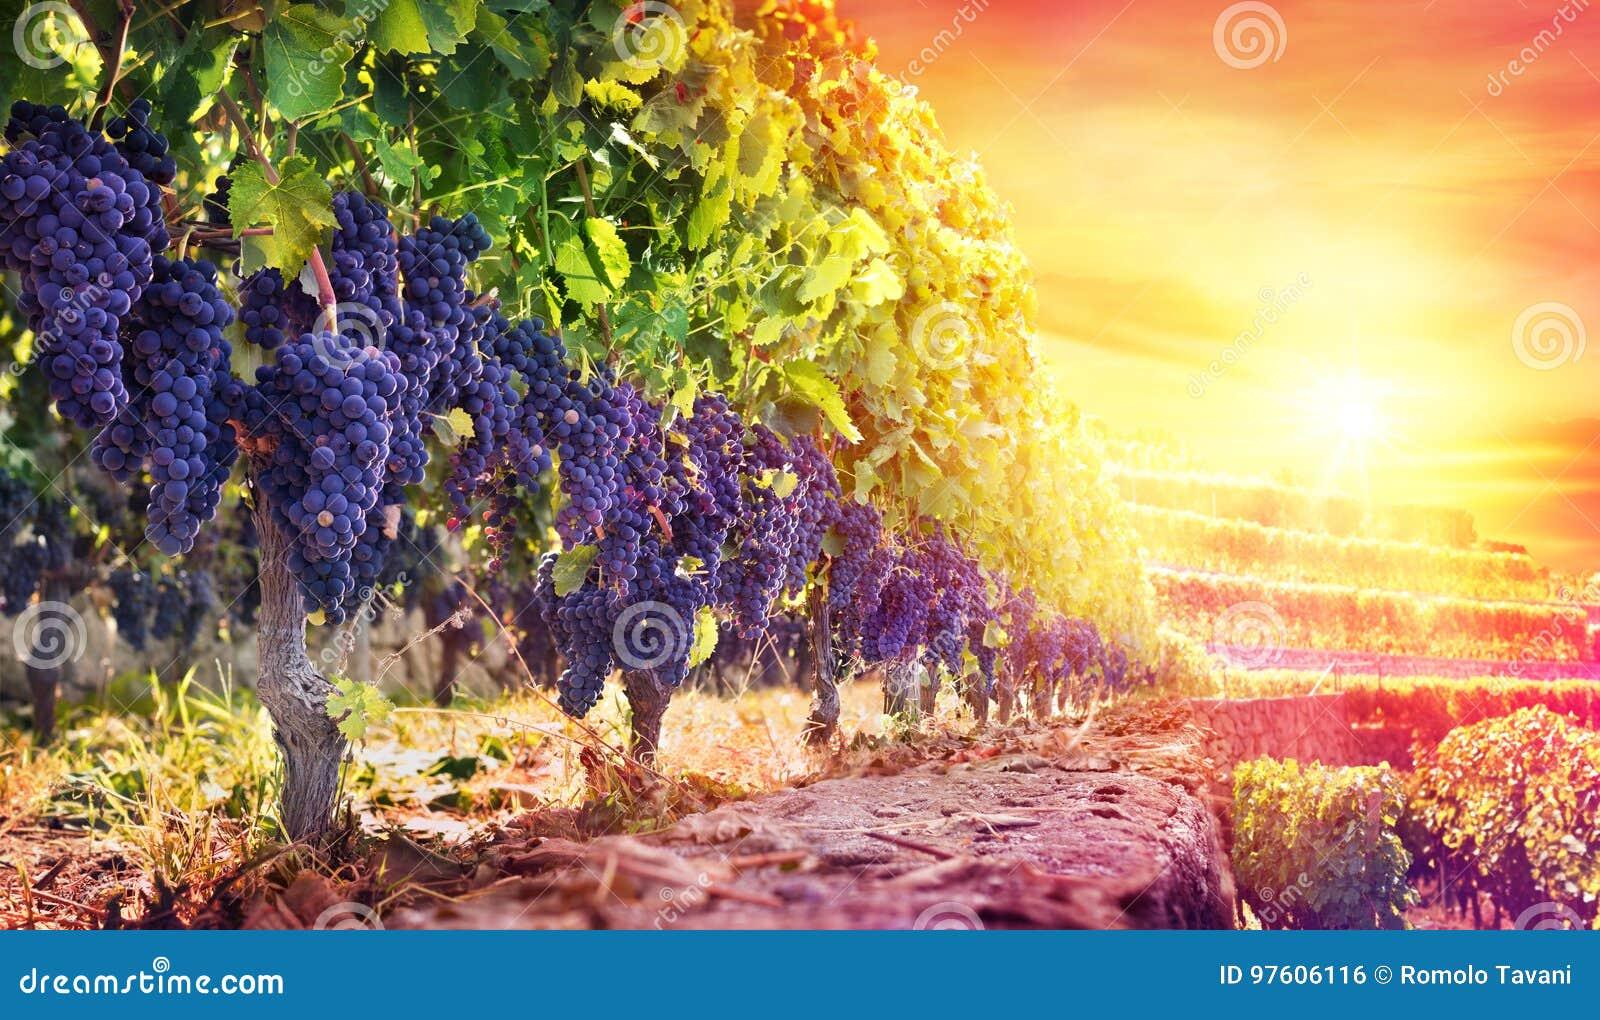 Reife Trauben im Weinberg bei Sonnenuntergang